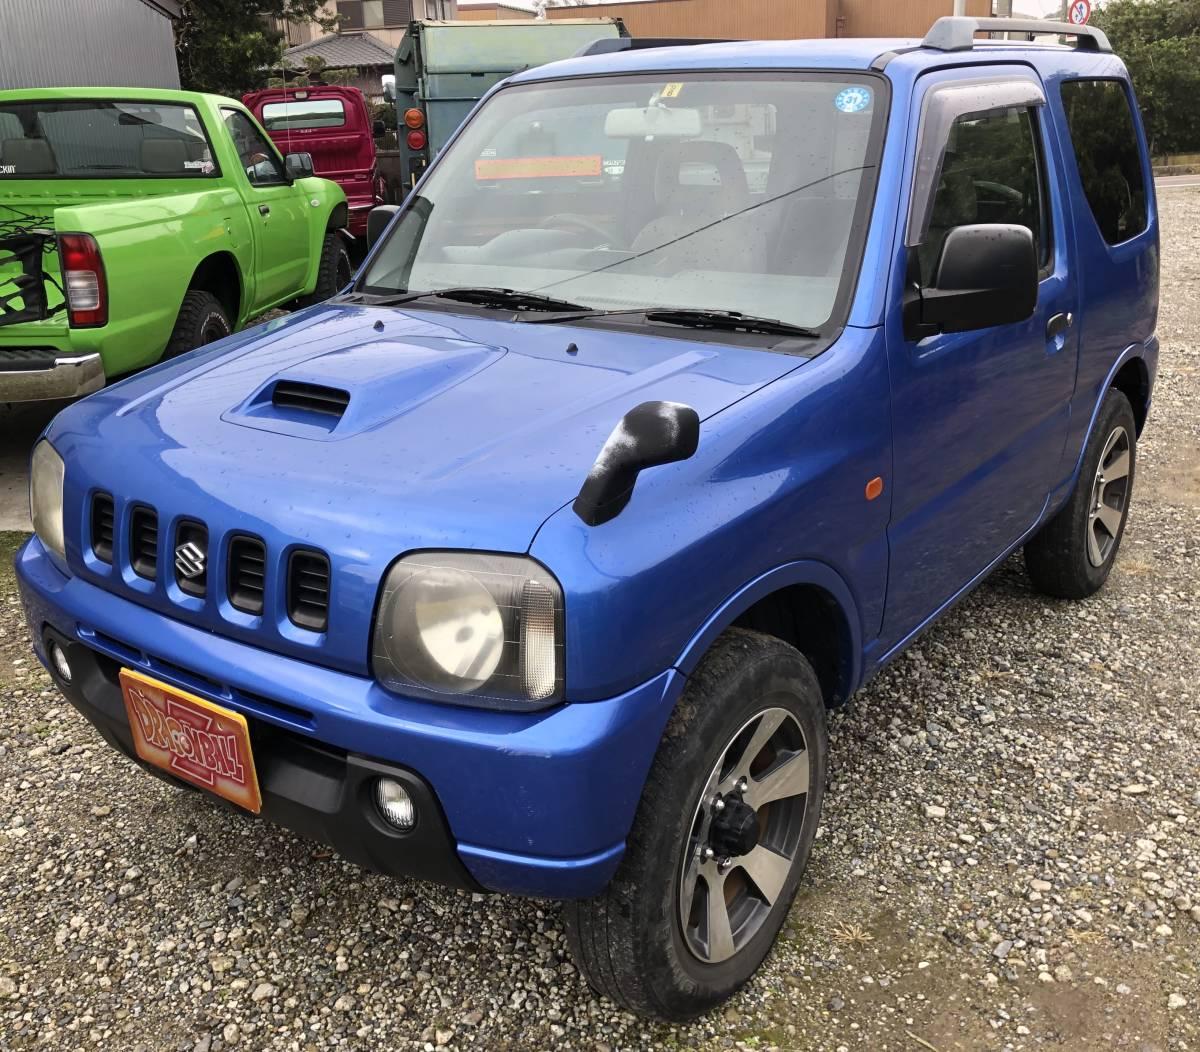 「ジムニー JB23W ターボ 5速MT 4WD切替 車検令和2年6月 ブルー 格安車両」の画像3